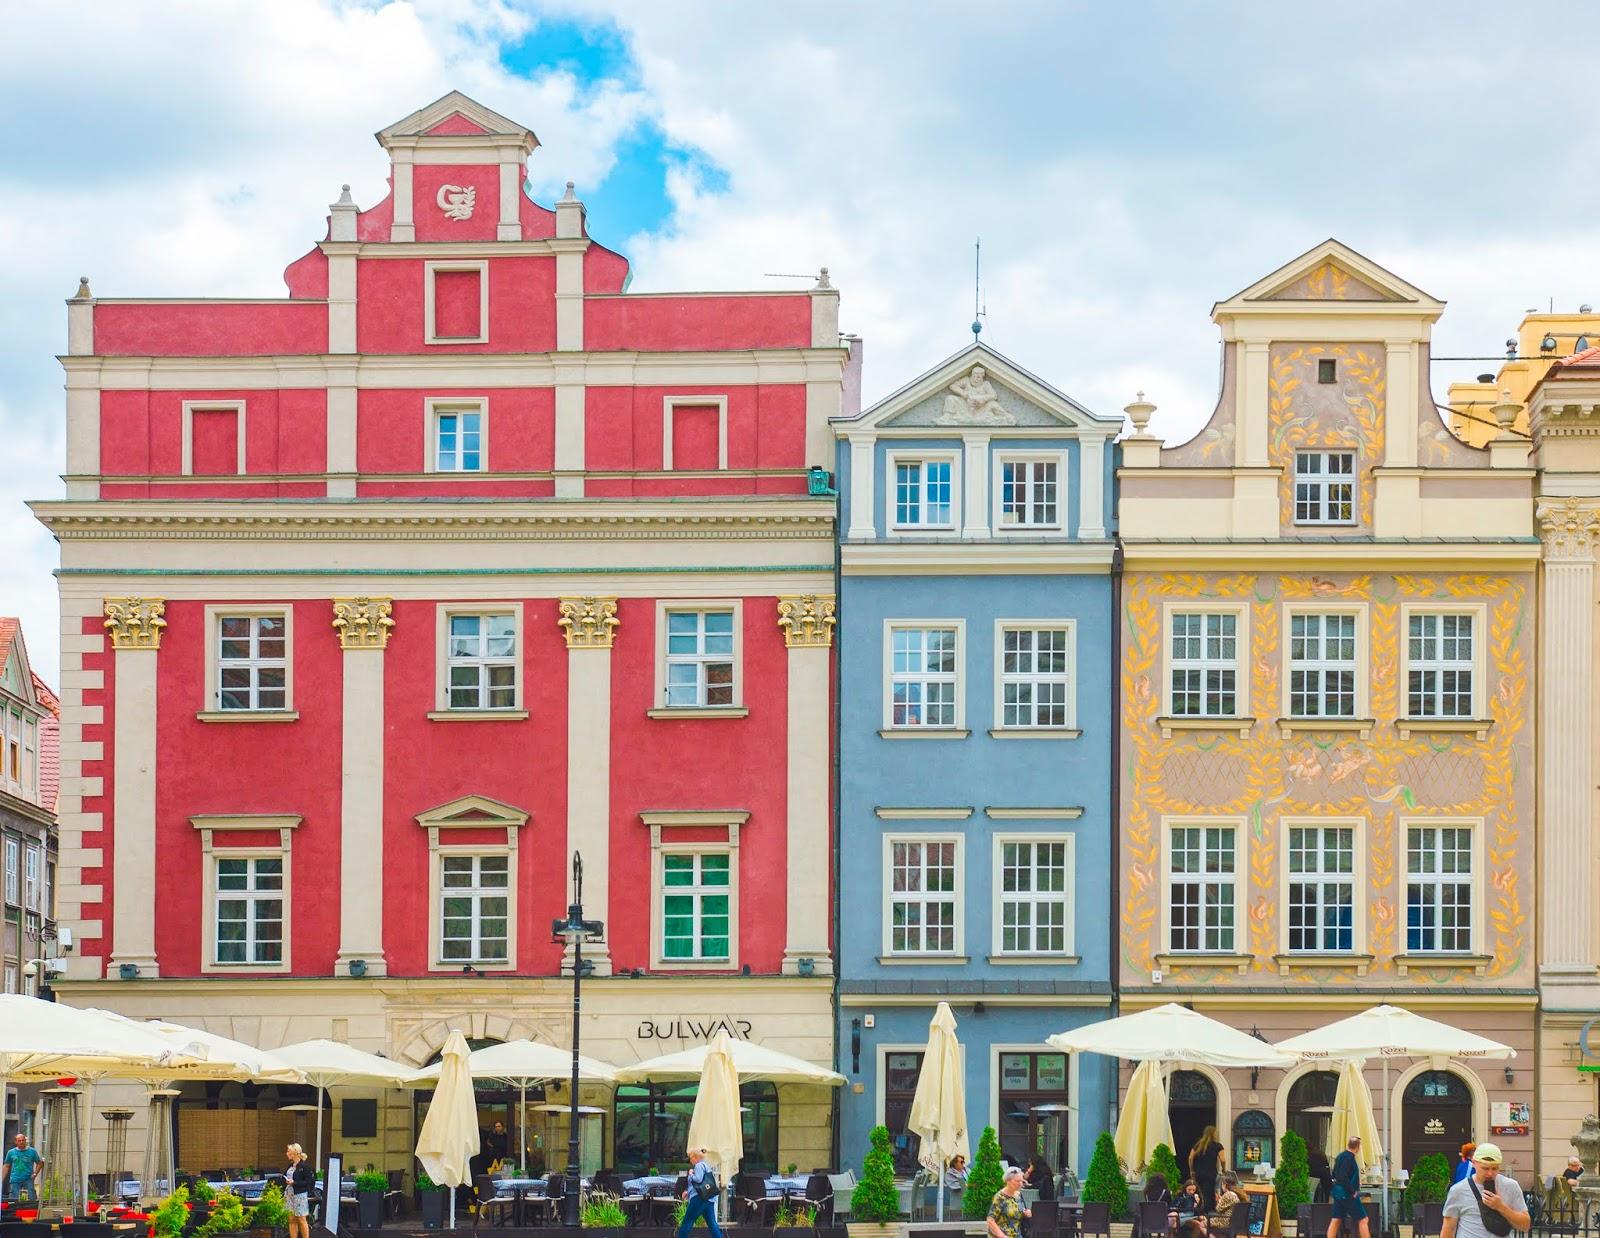 Trzy stykające się ze sobą kamieniczki w renesansowym stylu. Pierwsza od prawej czerwona, środkowa mniejsza w kolorze błękitu i ostatnia po prawej w kolorze pomarańczy ze złotymi zdobieniami. Okna ozdobione portalami w stylu klasycystycznym. Fasady wykończone kolumnami w porządku korynckim.